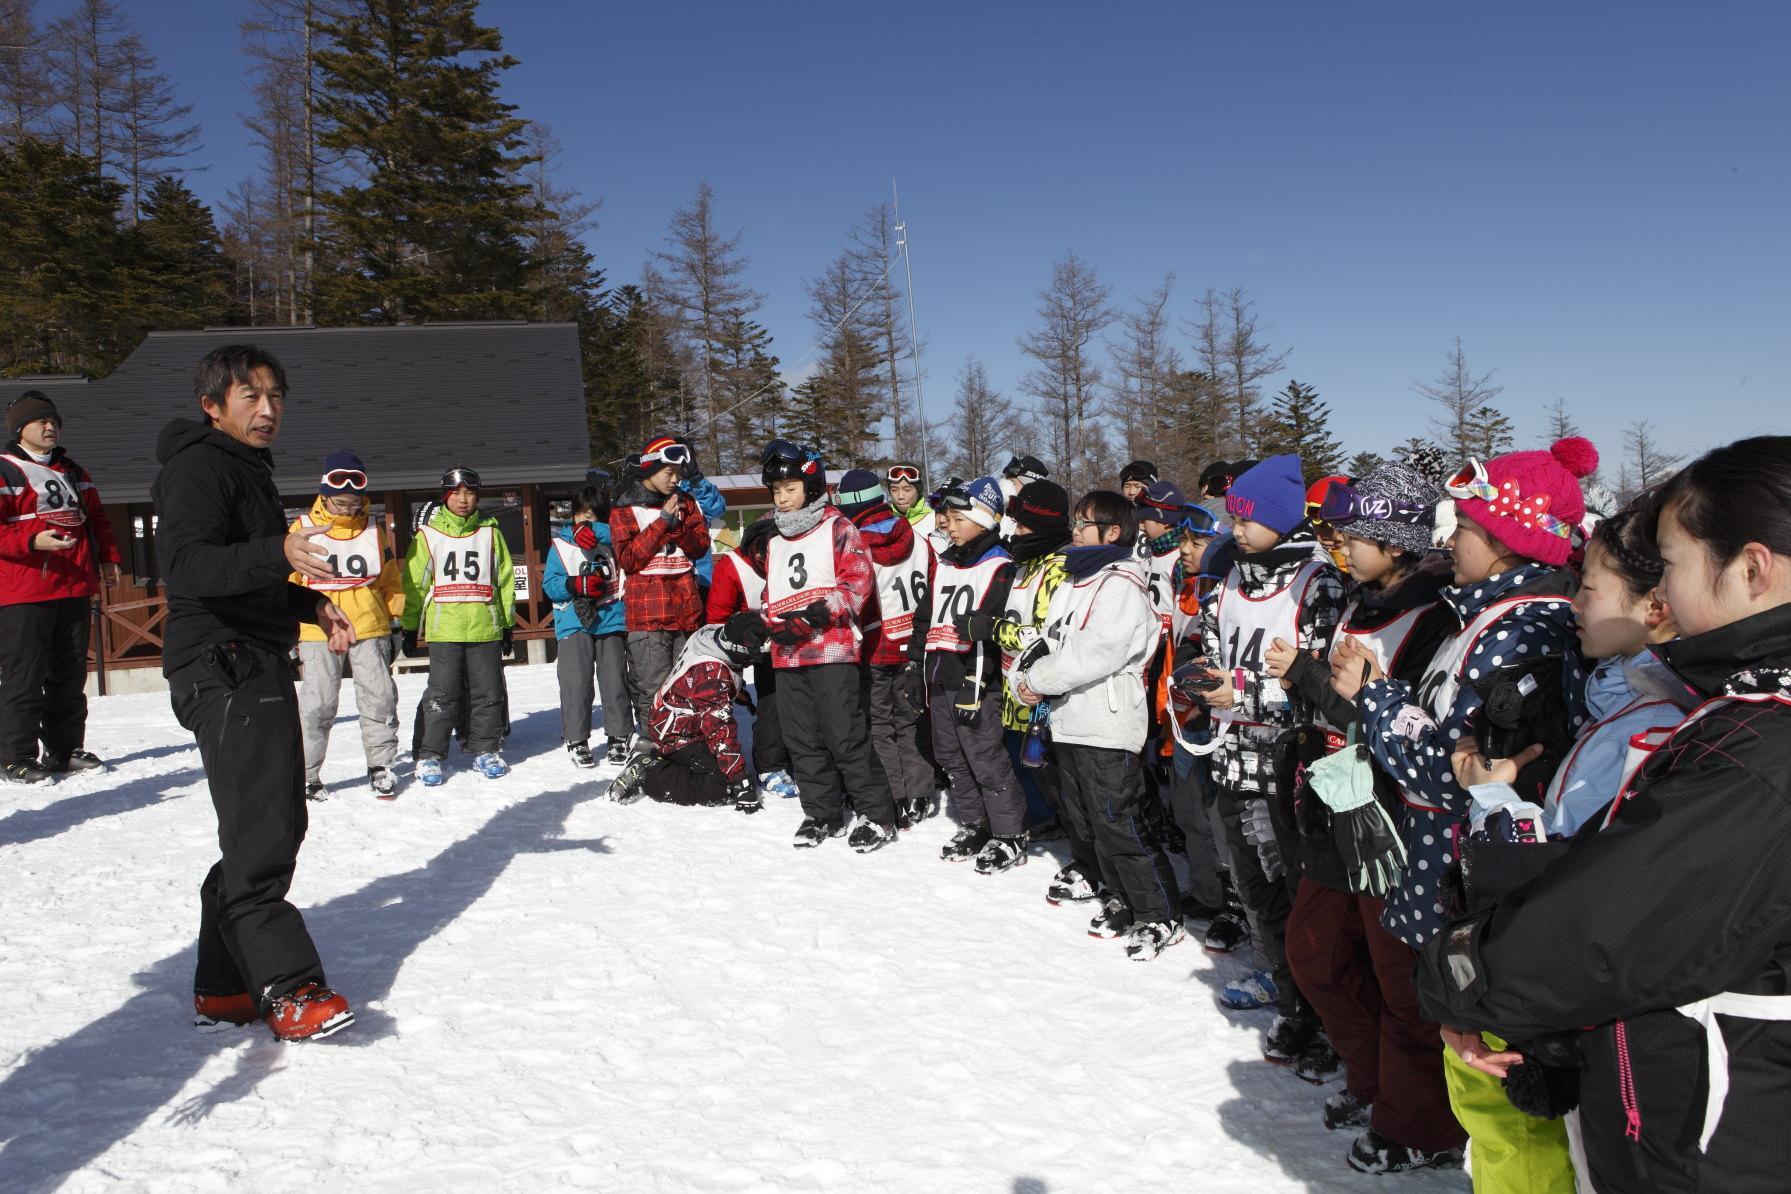 【冬9号掲載】荻原健司さんインタビュー&スキー教室のお知らせ